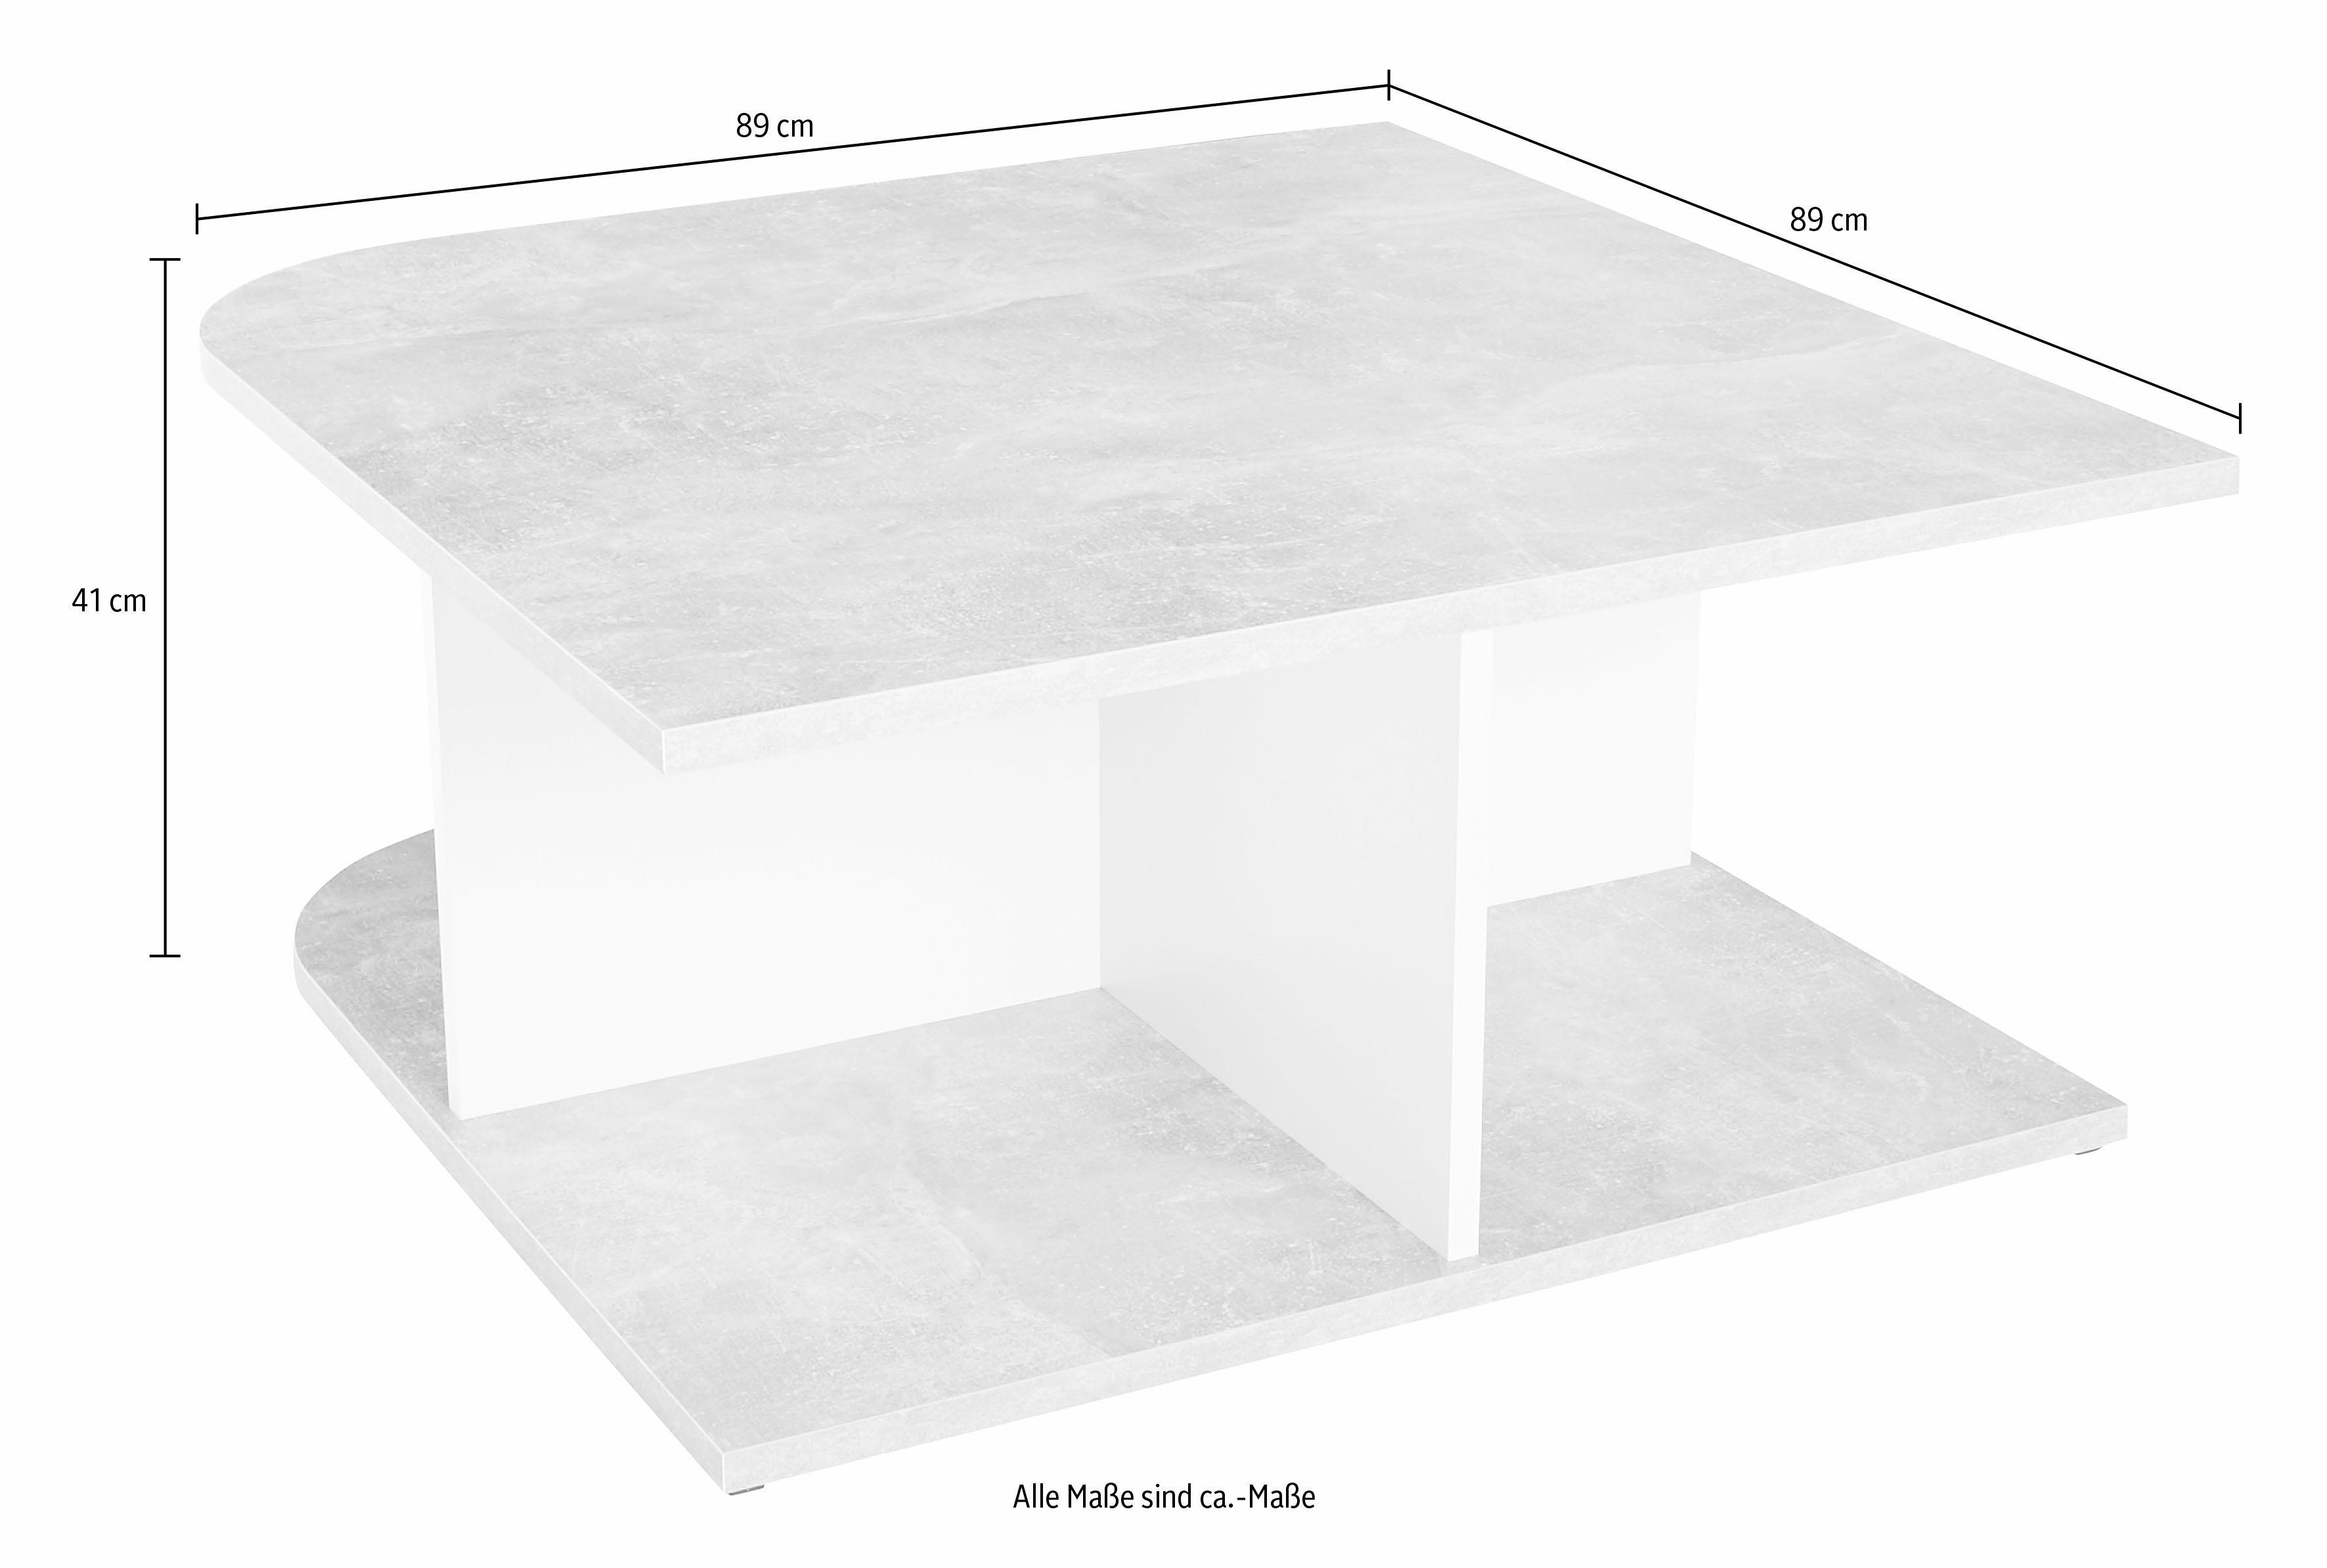 Witte Salontafel Vierkant.Salontafel Vierkant